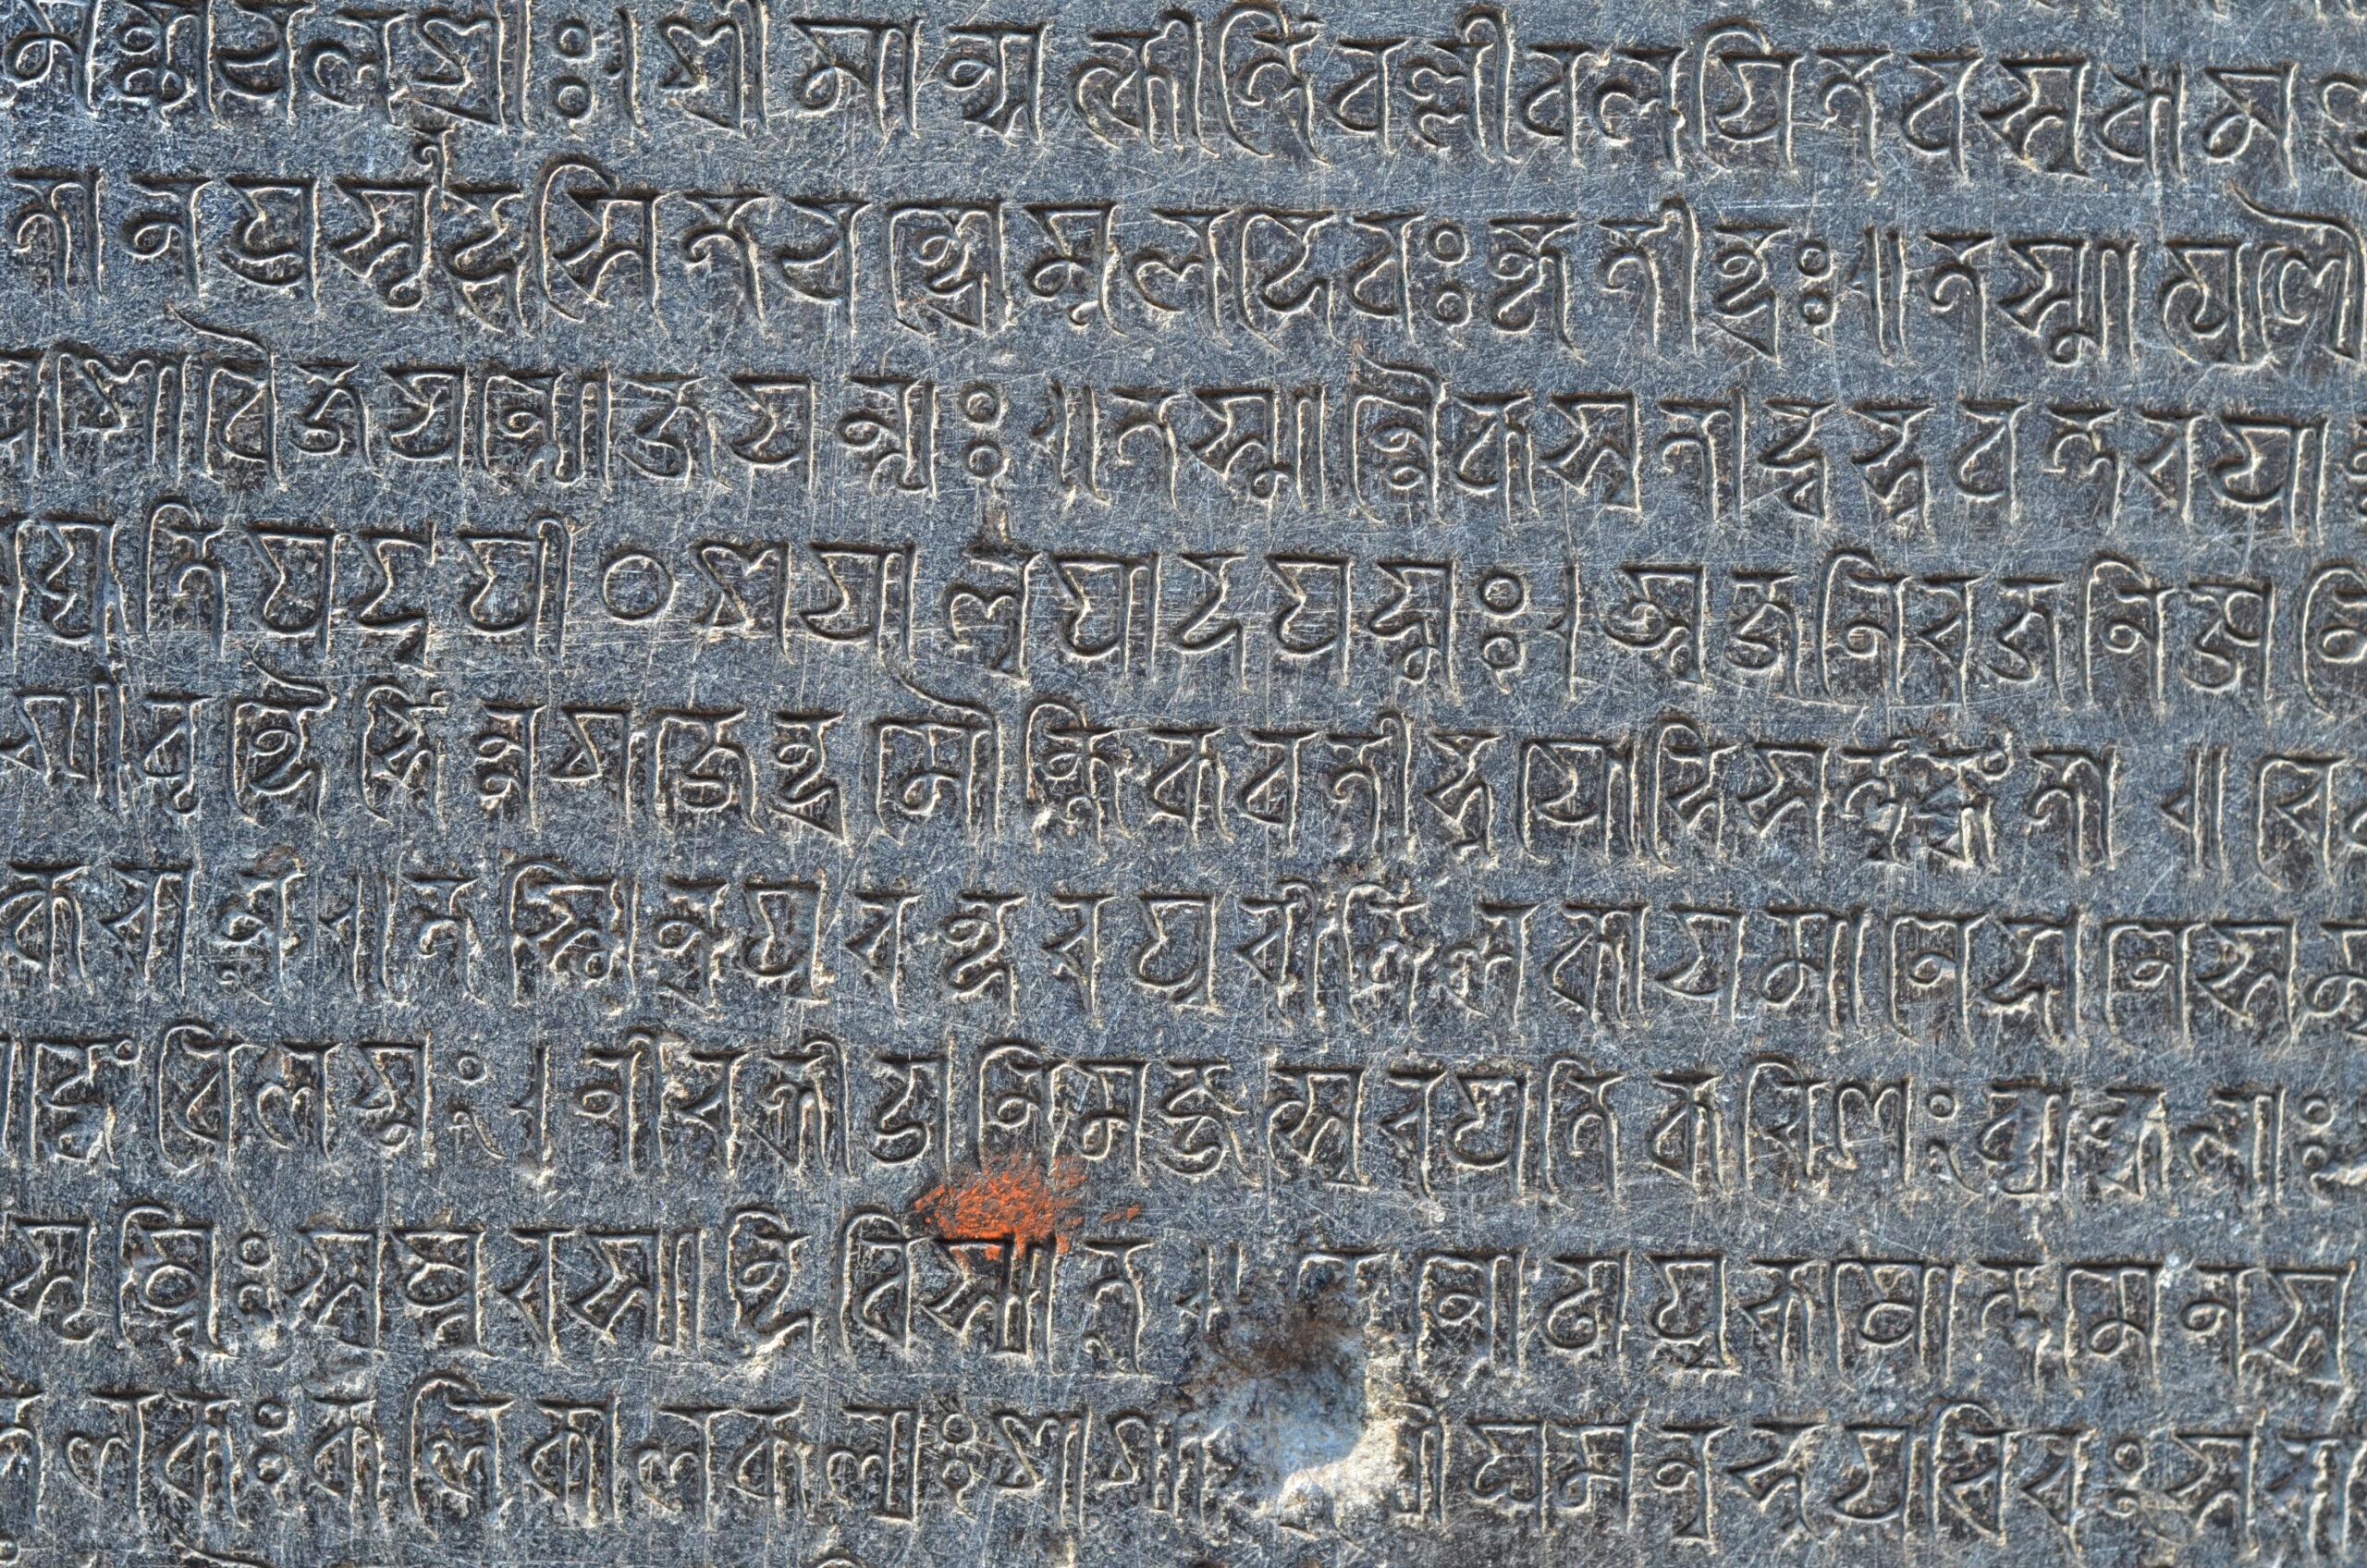 বাংলার বর্ম রাজবংশ ও বহুত্ববাদের প্রতীক সেই শিলালিপিটি…